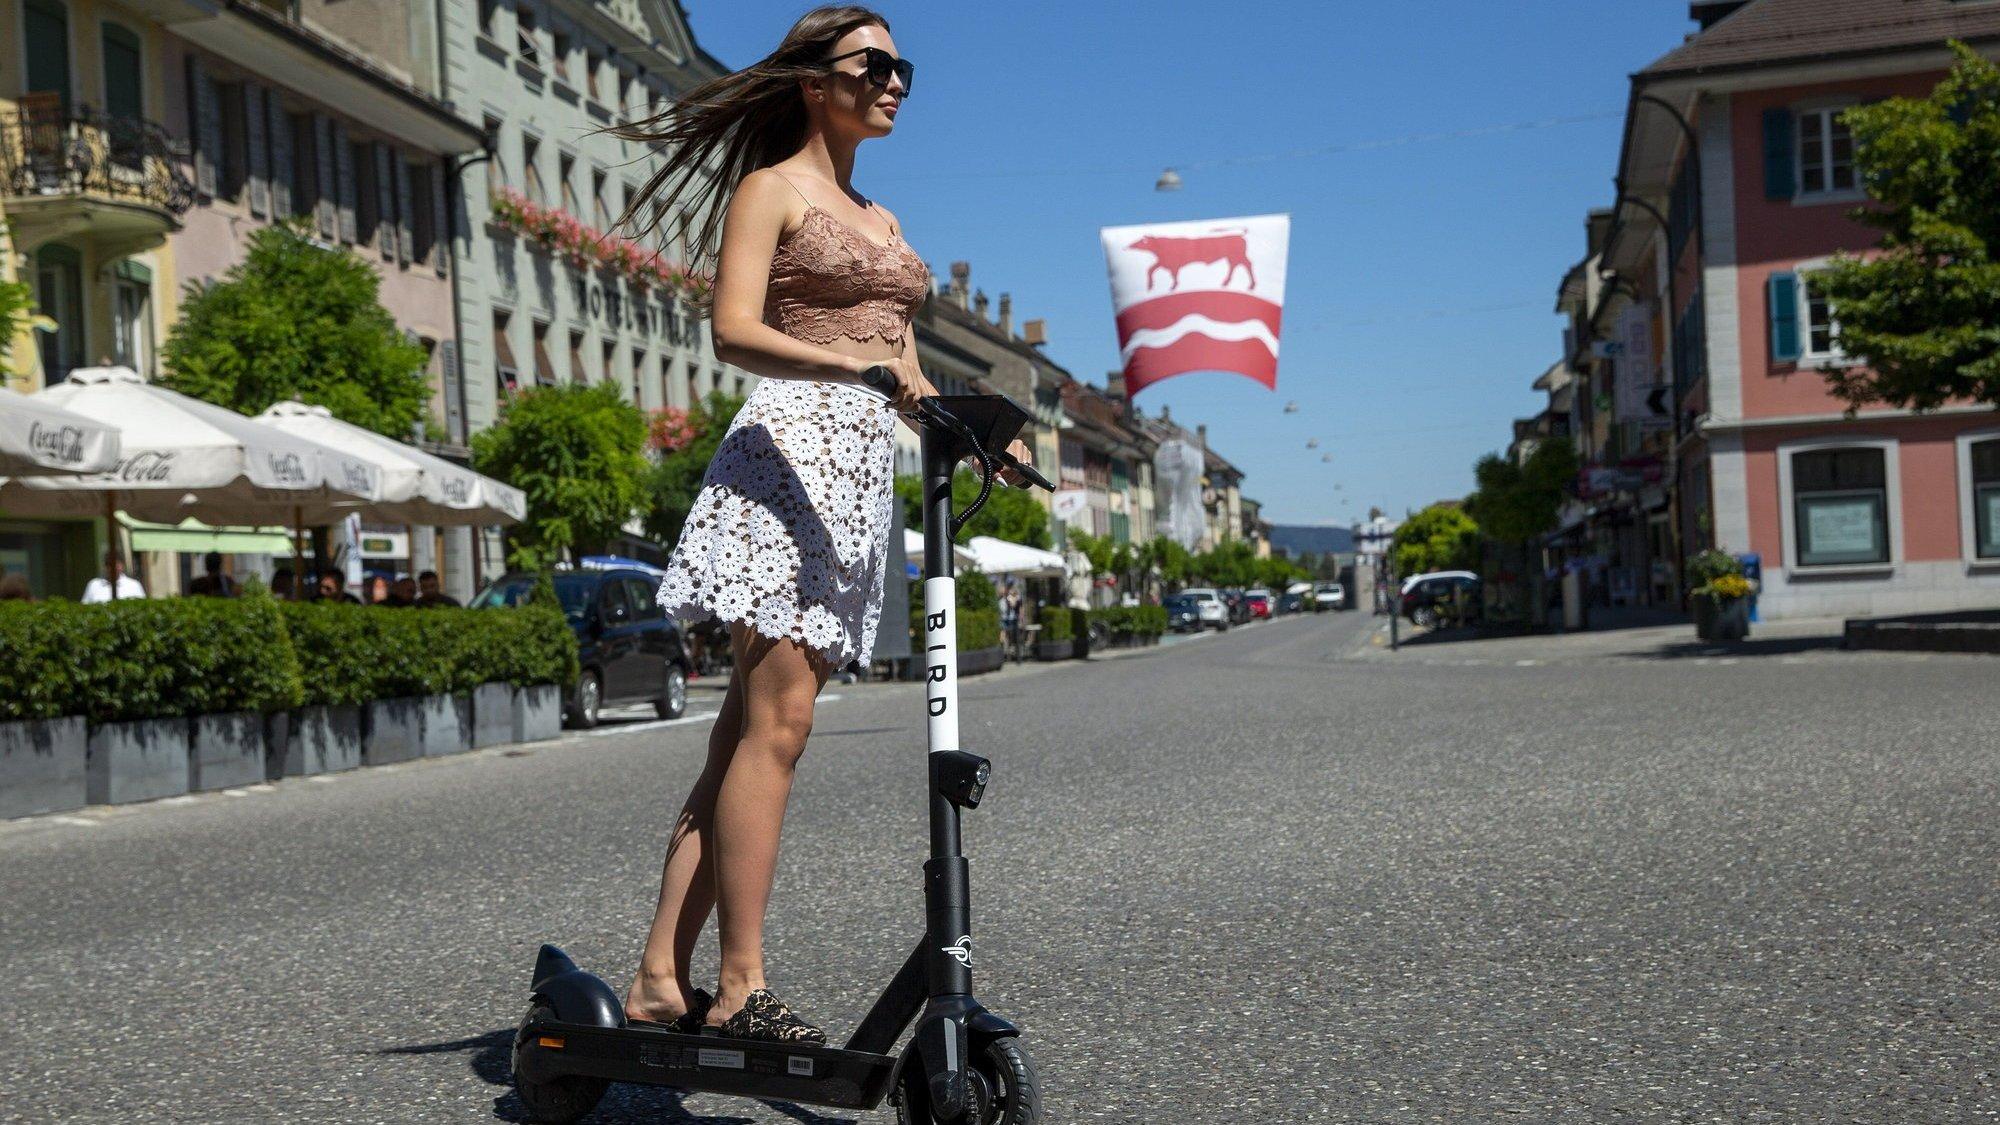 Les trottinettes électriques doivent circuler sur les routes ou les pistes cyclables. Leur utilisation dans les zones piétonnes est interdite.